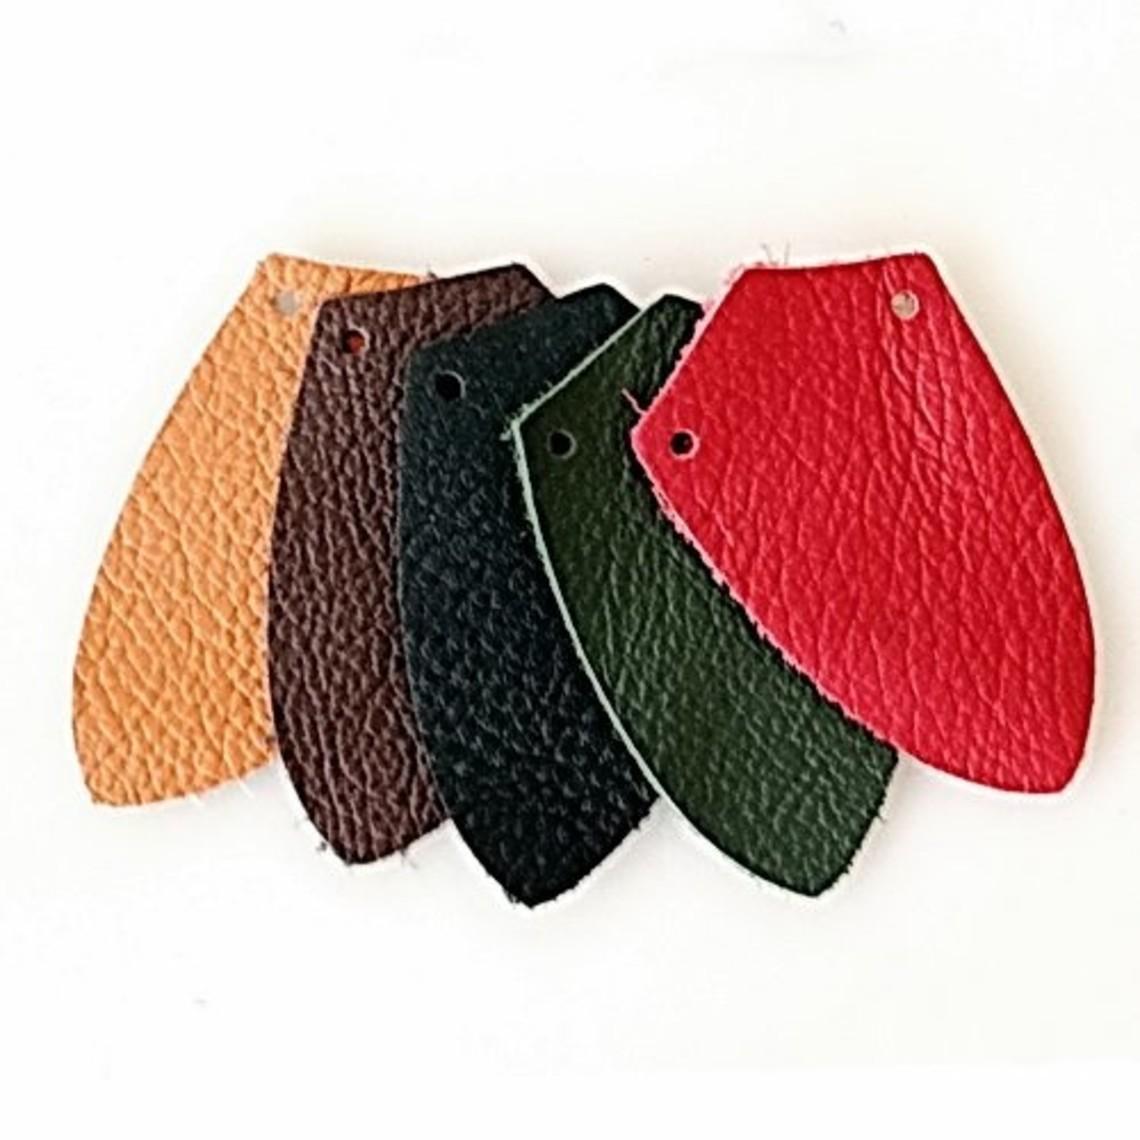 pieza en forma de escudo 50x napa de armadura de escamas, de color marrón claro